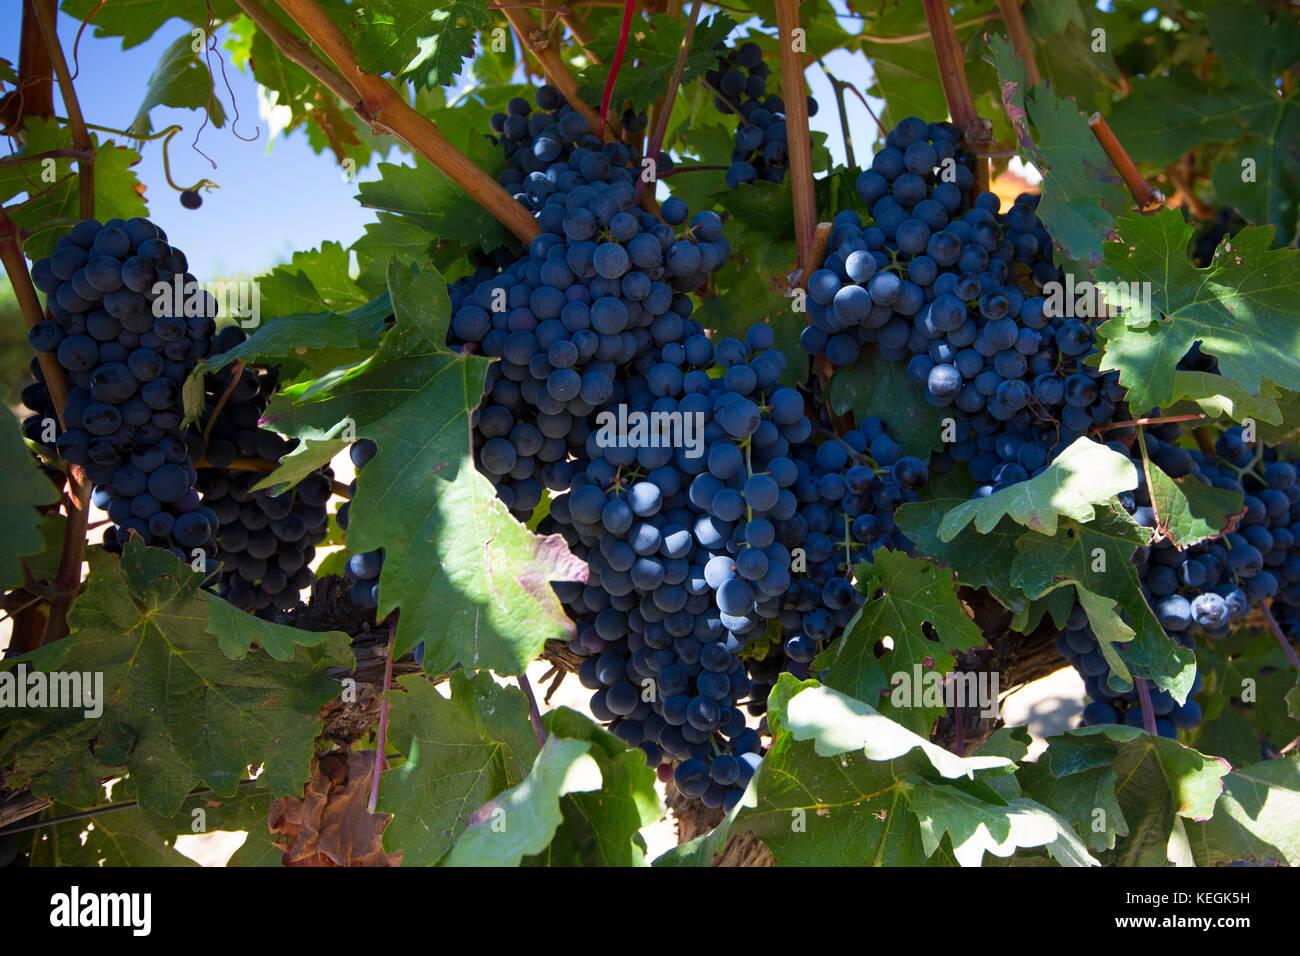 Ysios uve nere per la Rioja vino rosso in cantina a Laguardia in Rioja-Alavesa area del Paese Basco, Spagna Immagini Stock